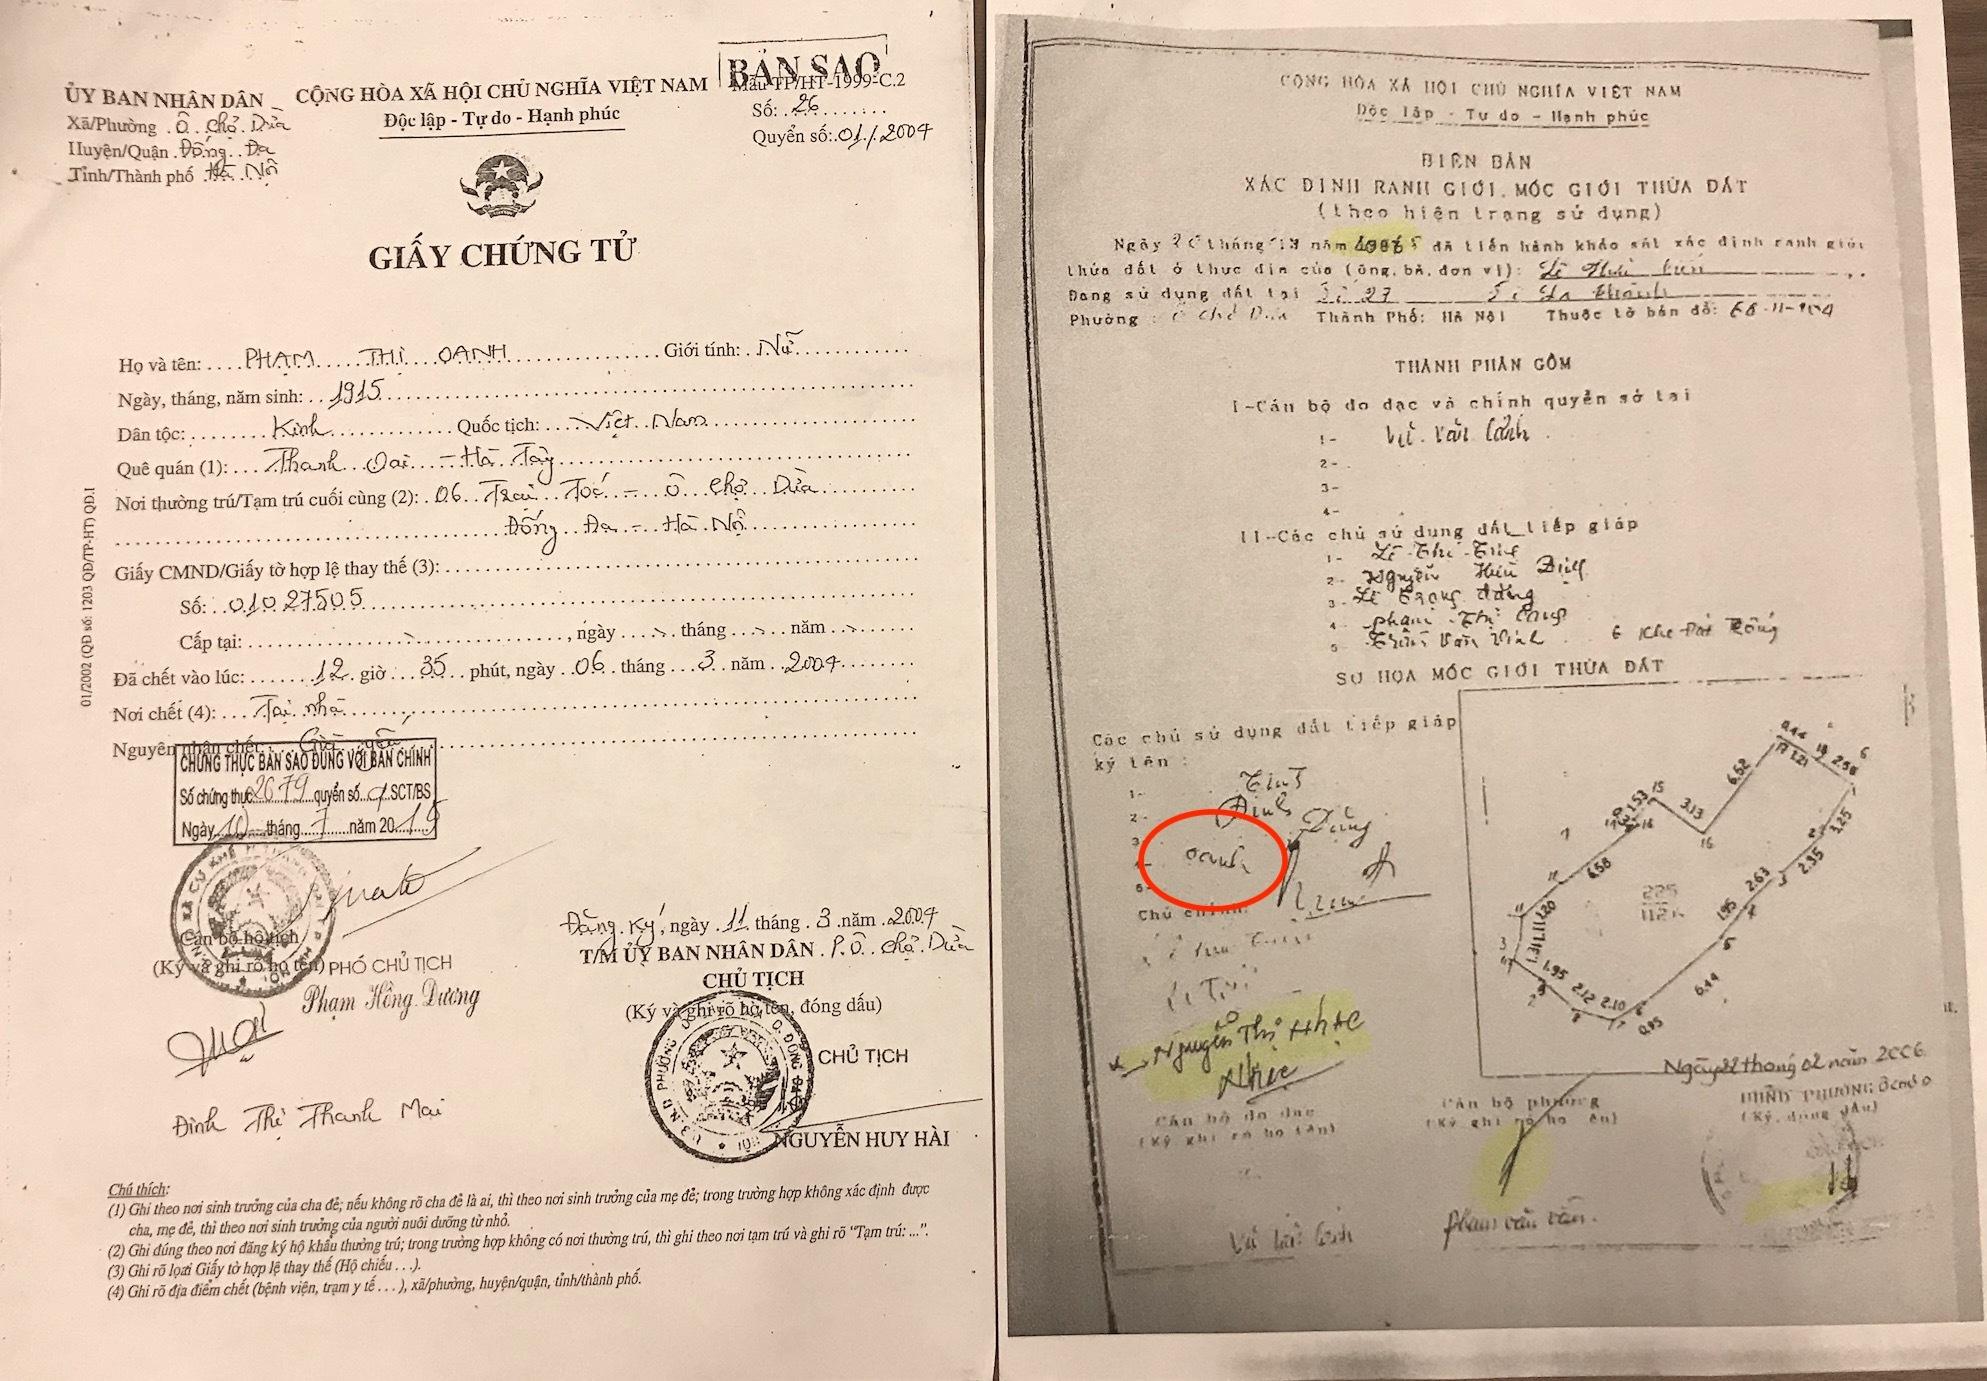 Bà Phạm Thị Oanh đã mất từ năm 2004 vẫn có chữ ký trong Biên bản xác định ranh giới, mốc giới thửa đất lập năm 2006 để làm cơ sở cho UBND quận Đống Đa cấp sổ đỏ tại số 27A Đê La Thành (Phần chữ ký bà Oanh được khoanh tròn màu đỏ ).